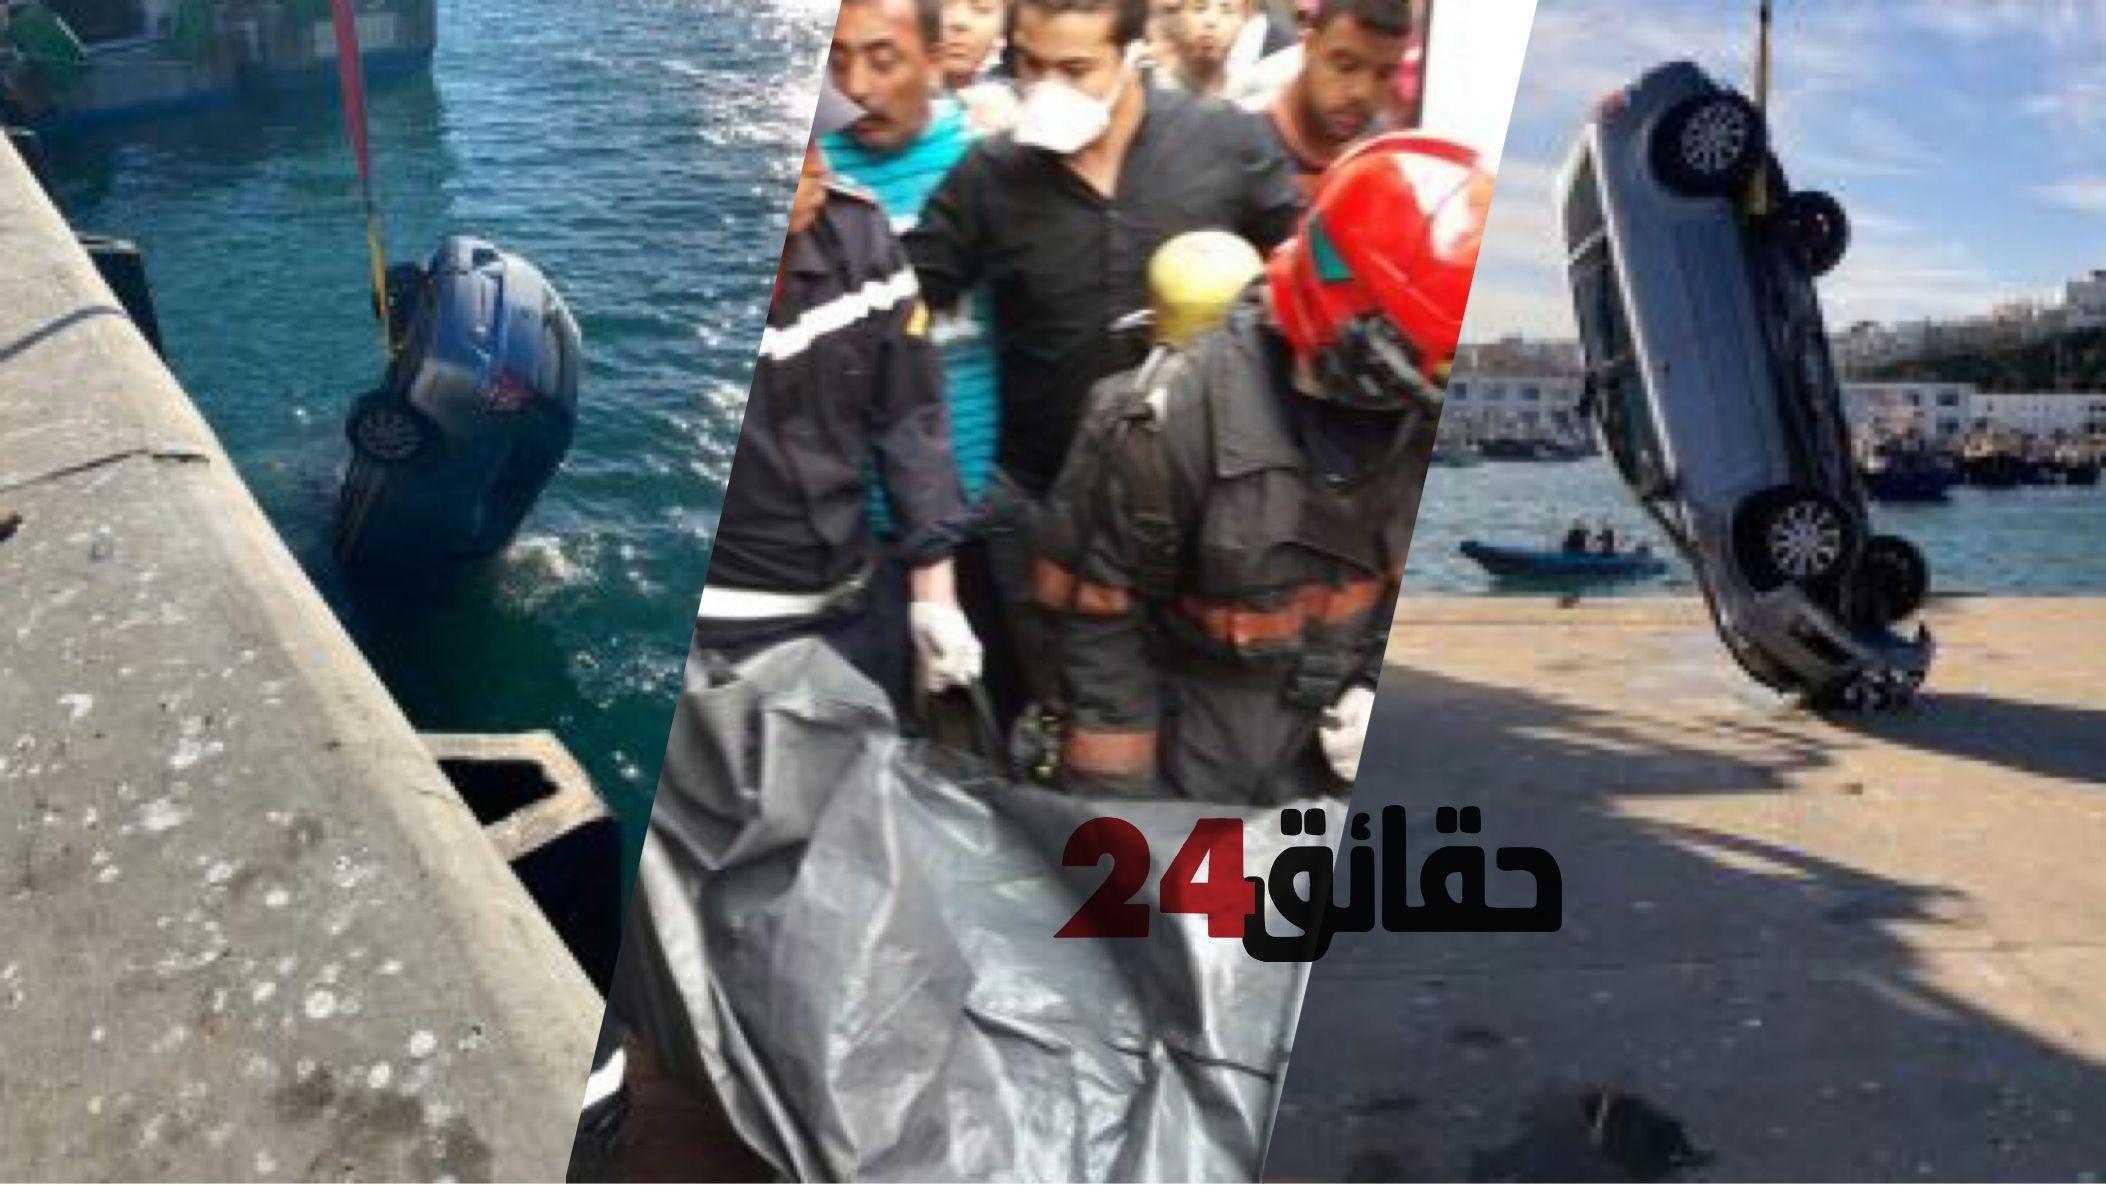 صورة انتشال جثة عميد شرطة كان على متن سيارته الخاصة من الحوض المائي لميناء طنجة